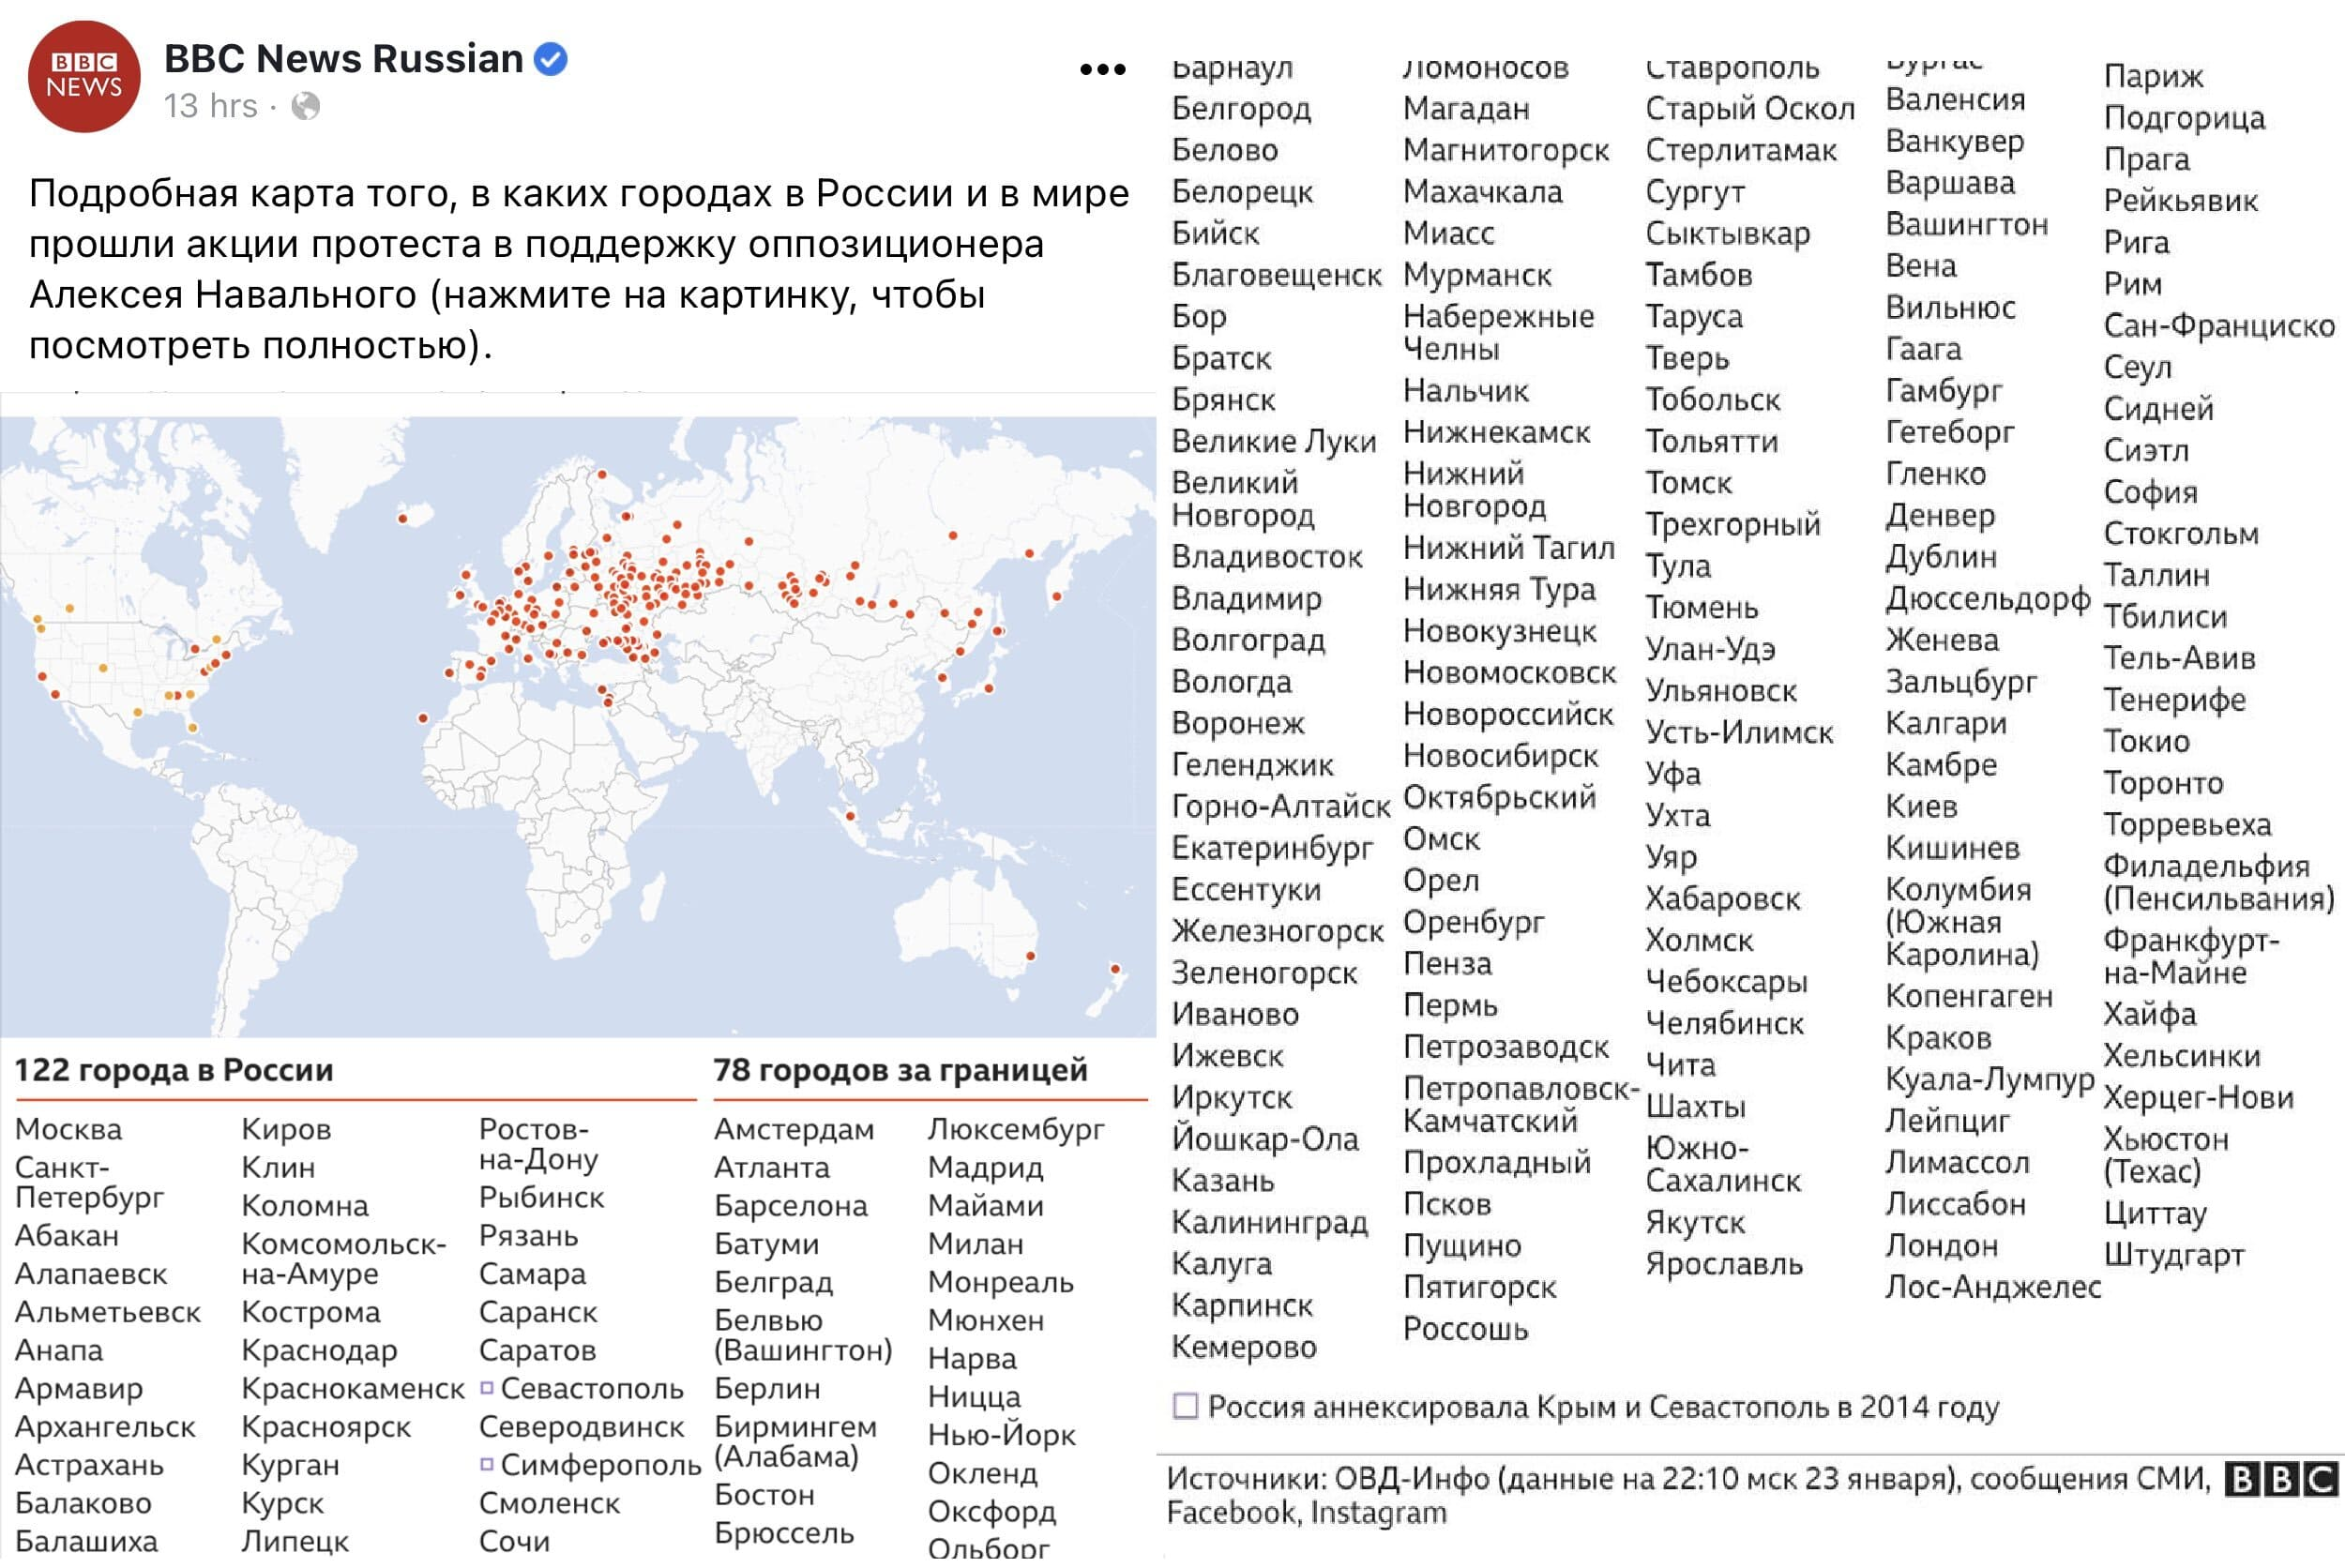 Список городов от ВВС